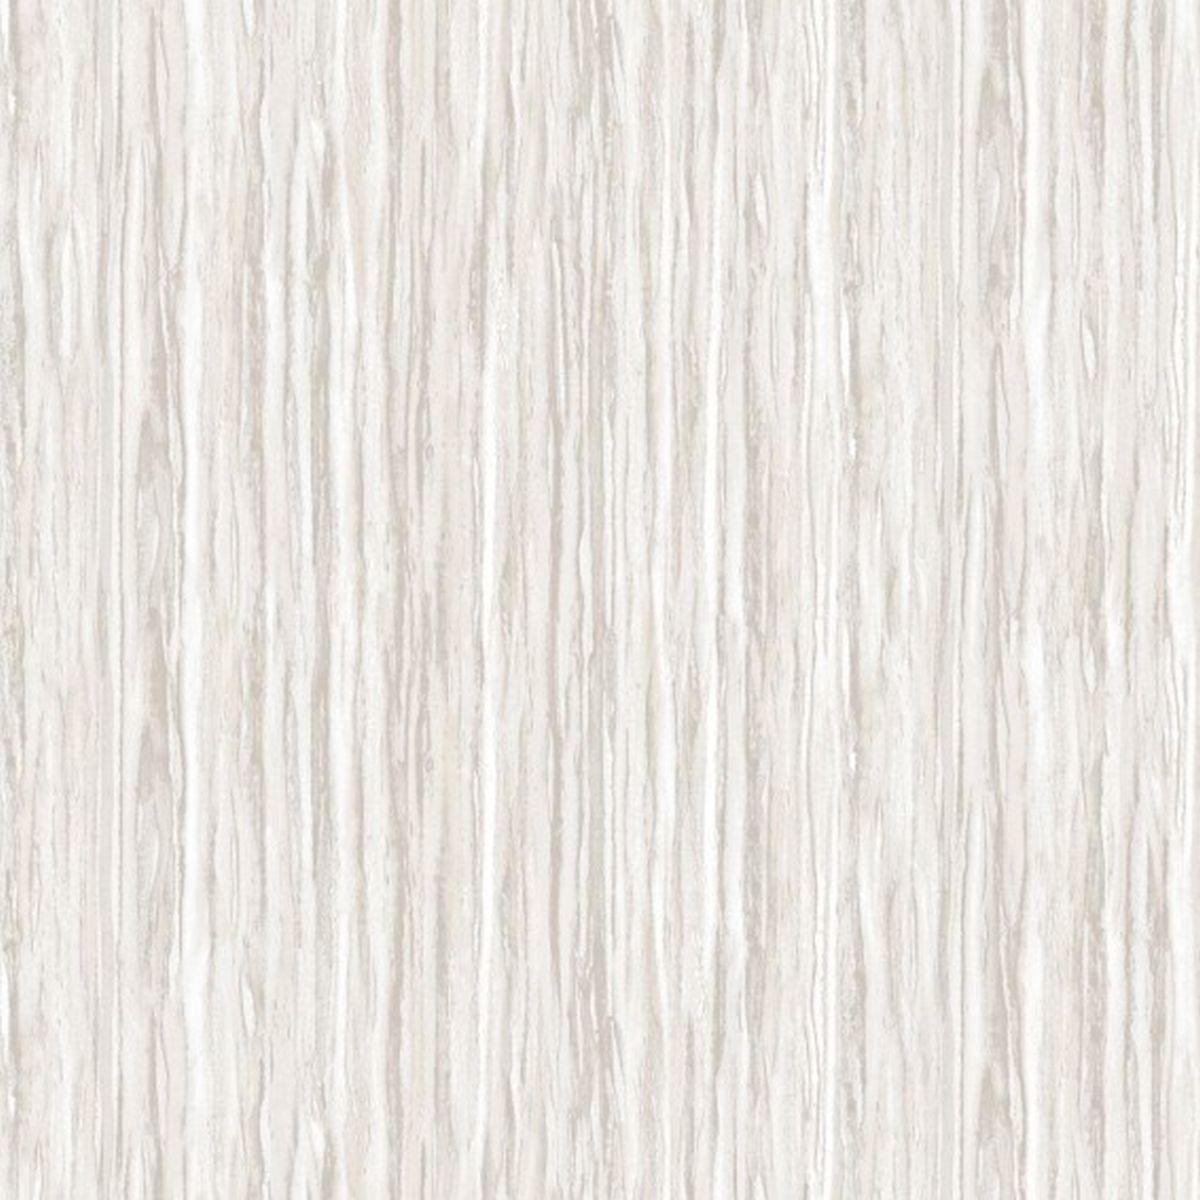 DesignID Vliestapete Qualitätsvolle Tapete NF232051 Grau Tapete Holzoptik günstig online kaufen